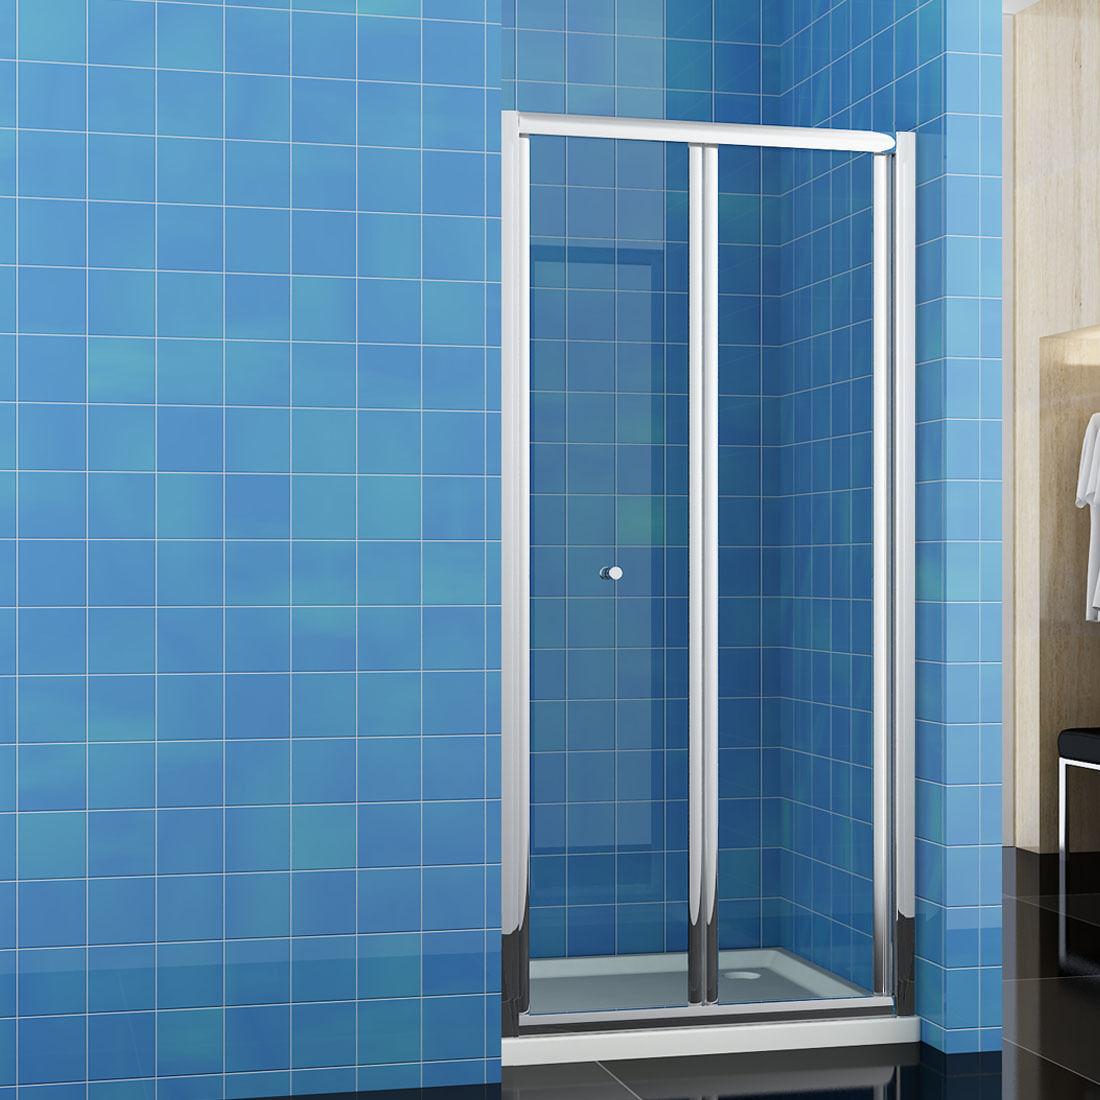 Bifold pivot walk in wet room sliding shower door Enclosure hinge ...